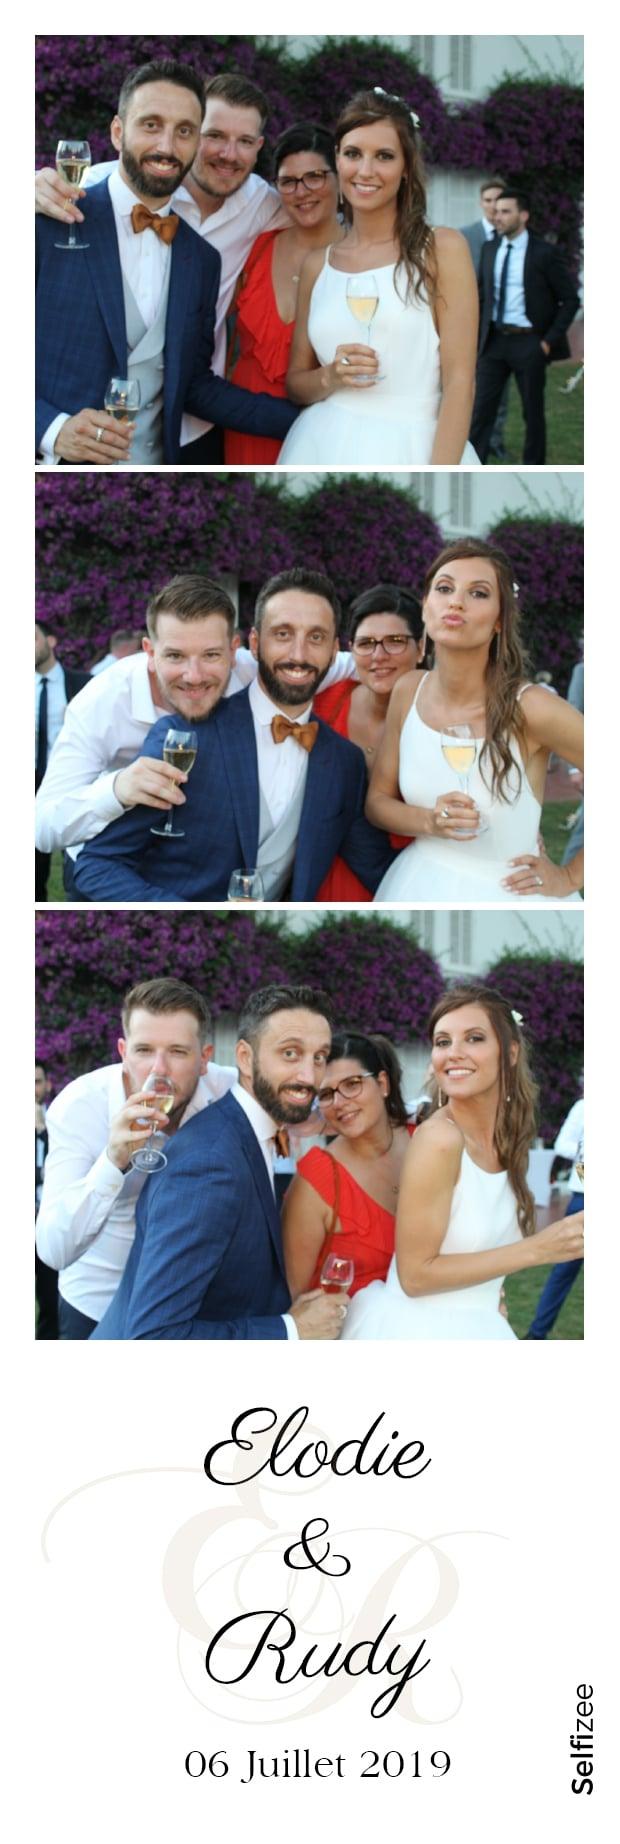 Album photo mariage format bandelette avec animation selfie box Cannes / Alpes Maritimes et photobooth connecté avec imprimante